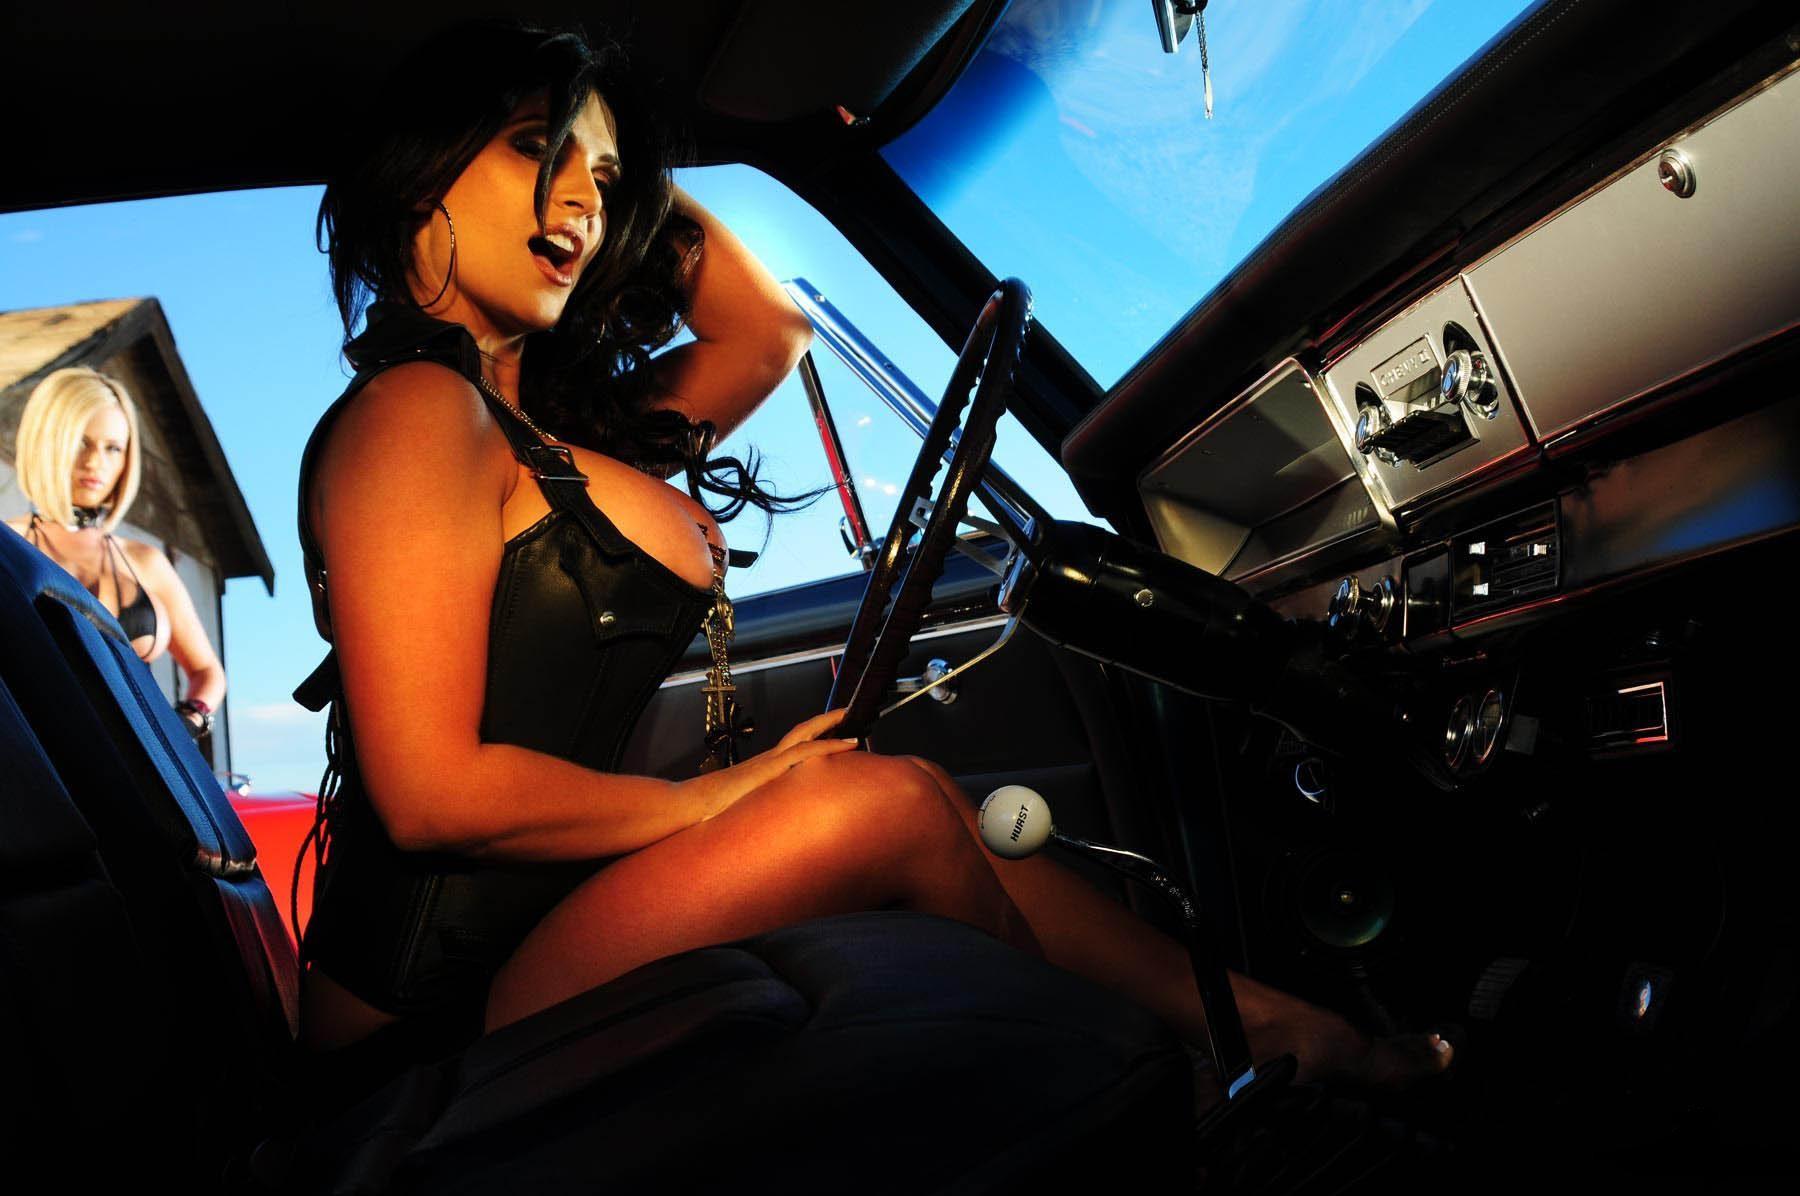 браун дает секси девушки за рулем насладиться уютными, изнывающими